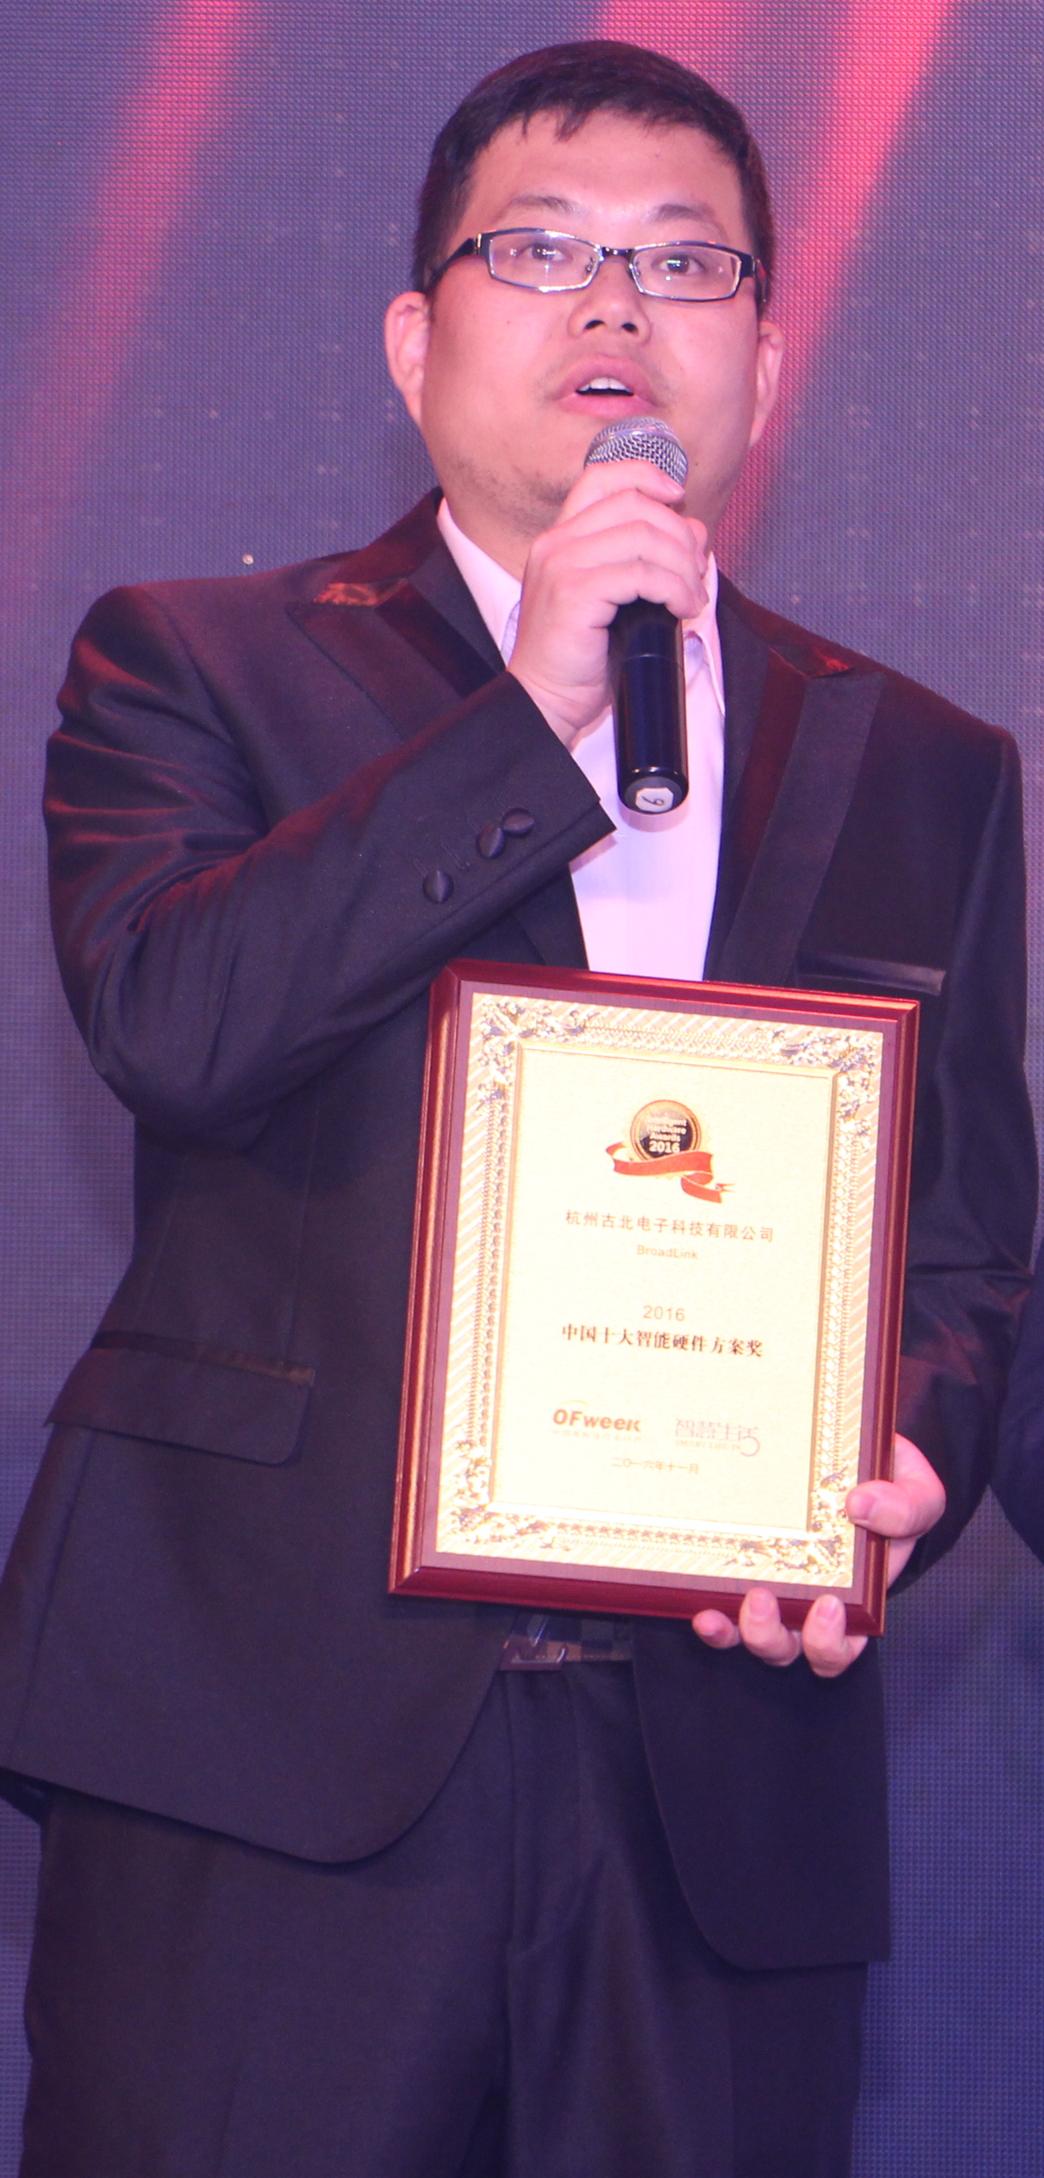 杭州古北电子科技有限公司获China Intelligent Hardware Awards 2016中国十大智能硬件方案奖